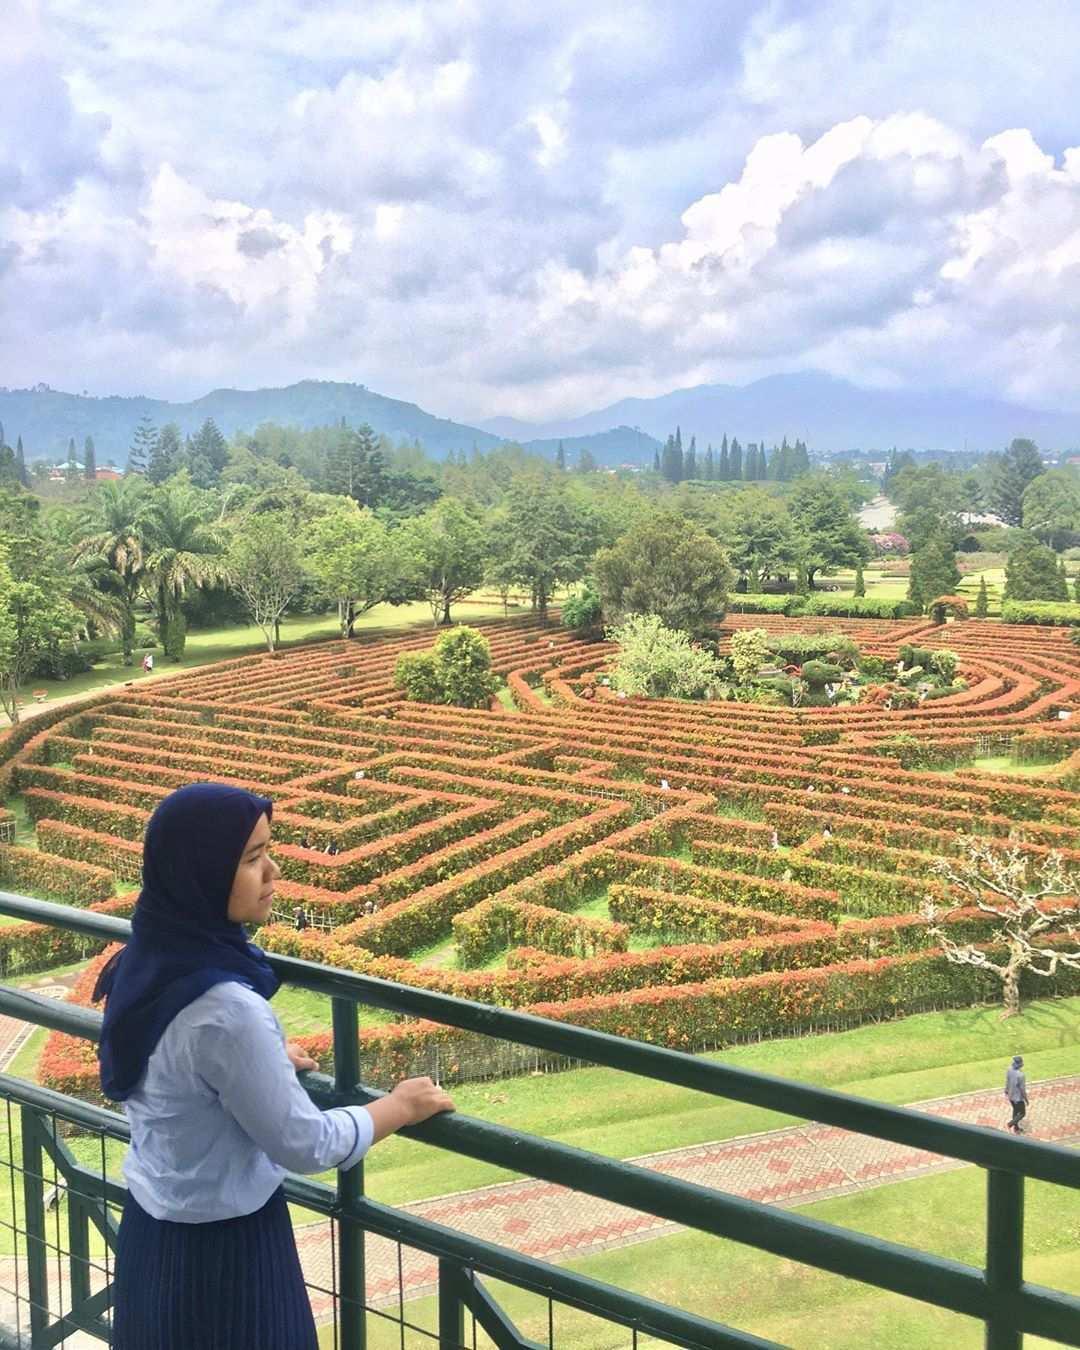 Taman Labirin di Taman Bunga Nusantara Image From @ayoe_soraya